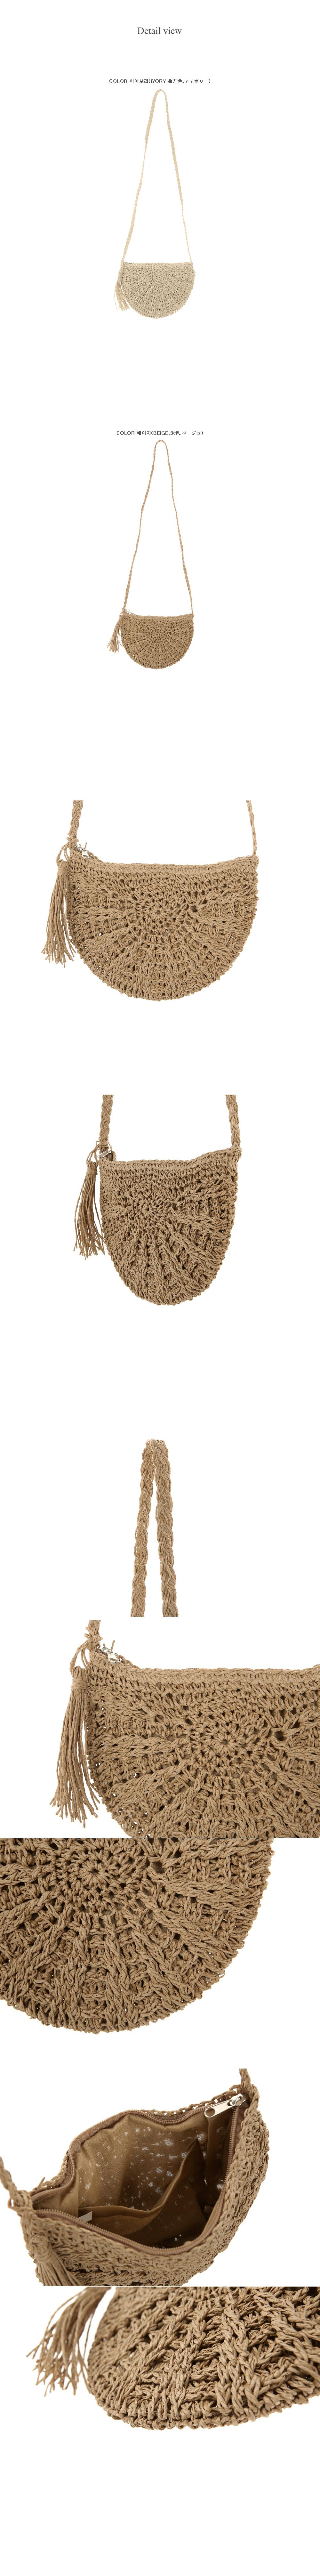 Calibo bag